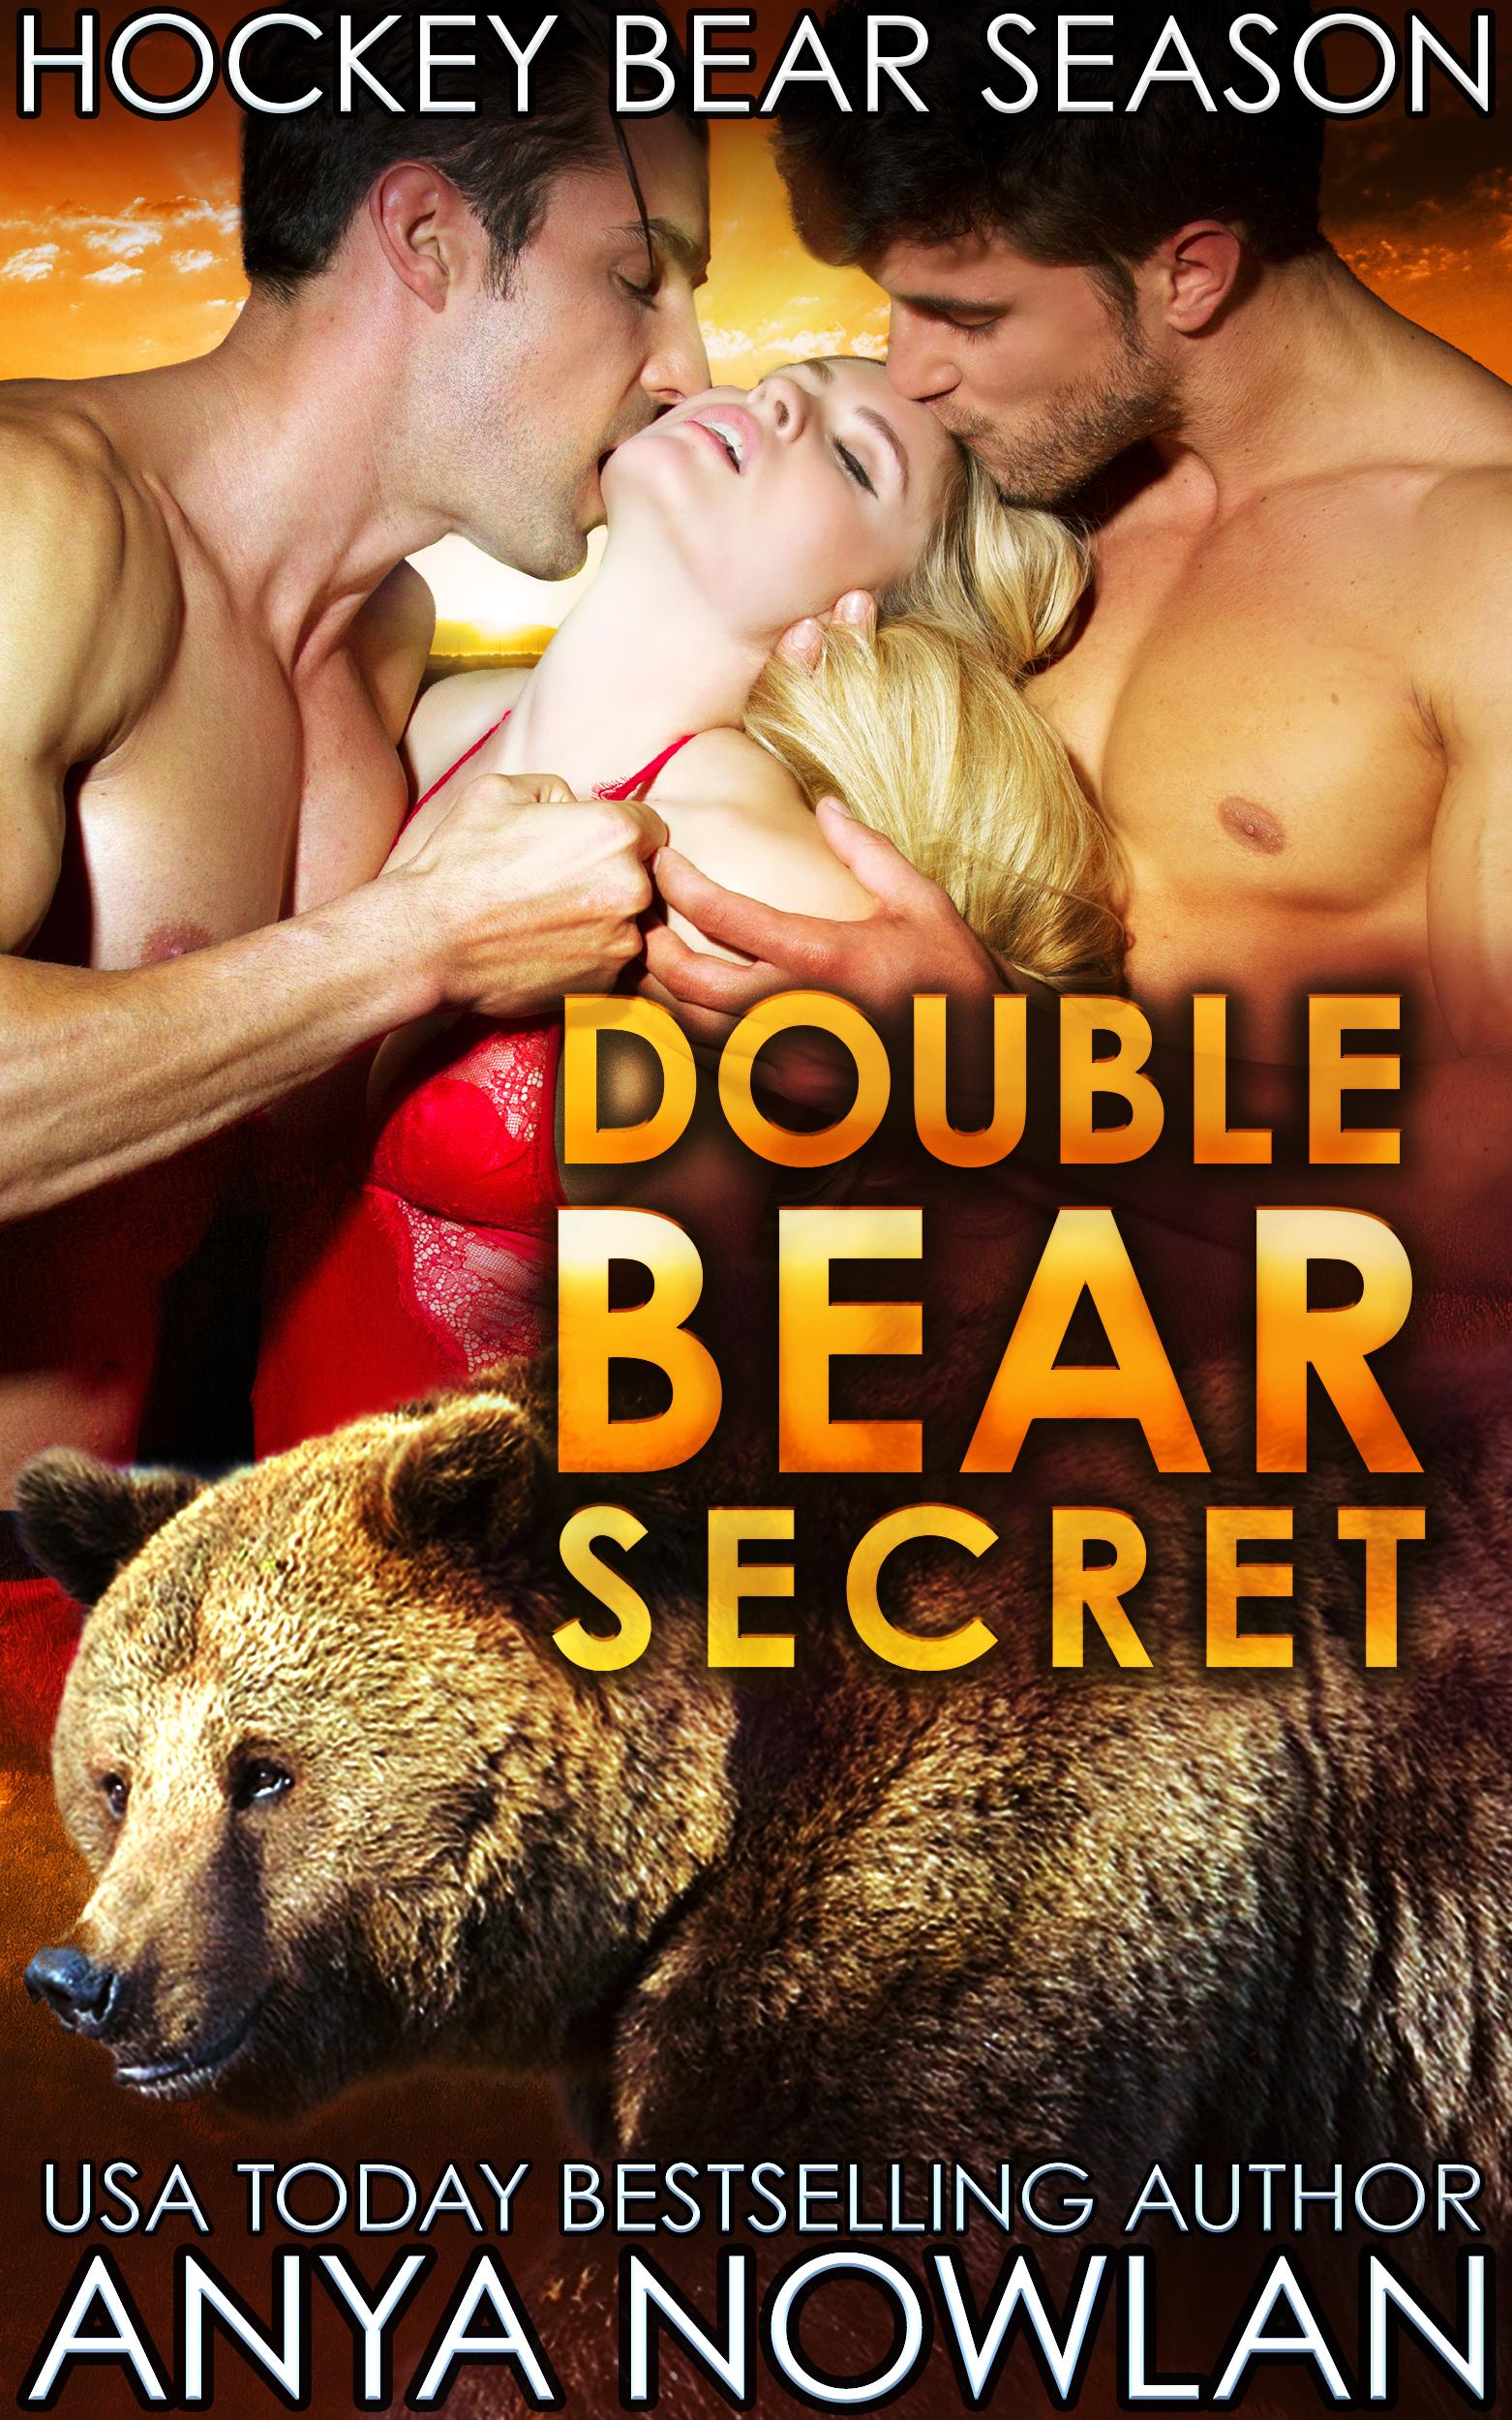 Double secret author anus